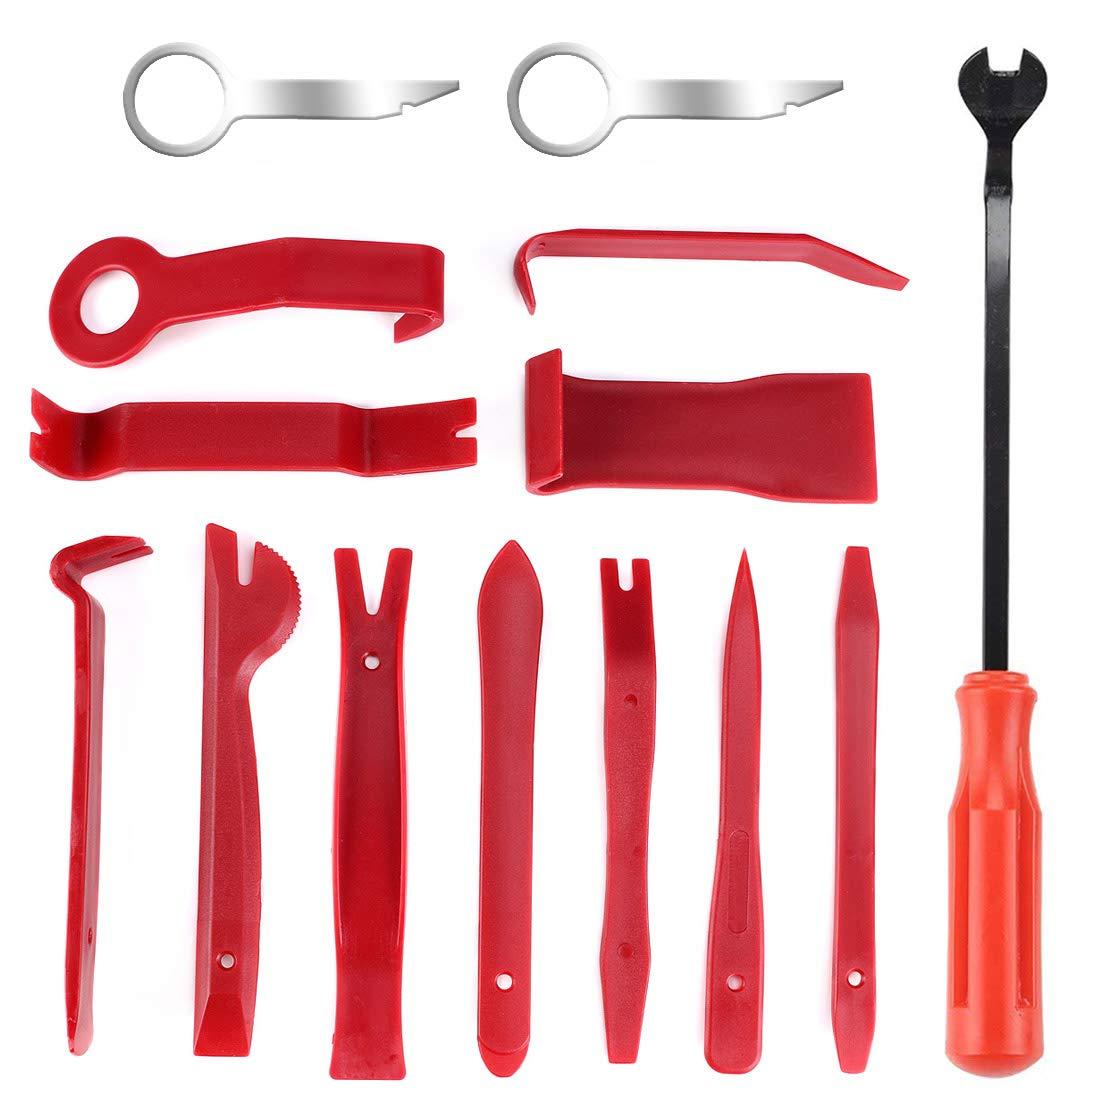 Auto Demontage Werkzeuge, Phyles 11 Stück Auto Zierleistenkeile-Set Automotive Reparatur Werkzeug Universal für Entfernung Autotür Türverkleidung und Platten, Rot